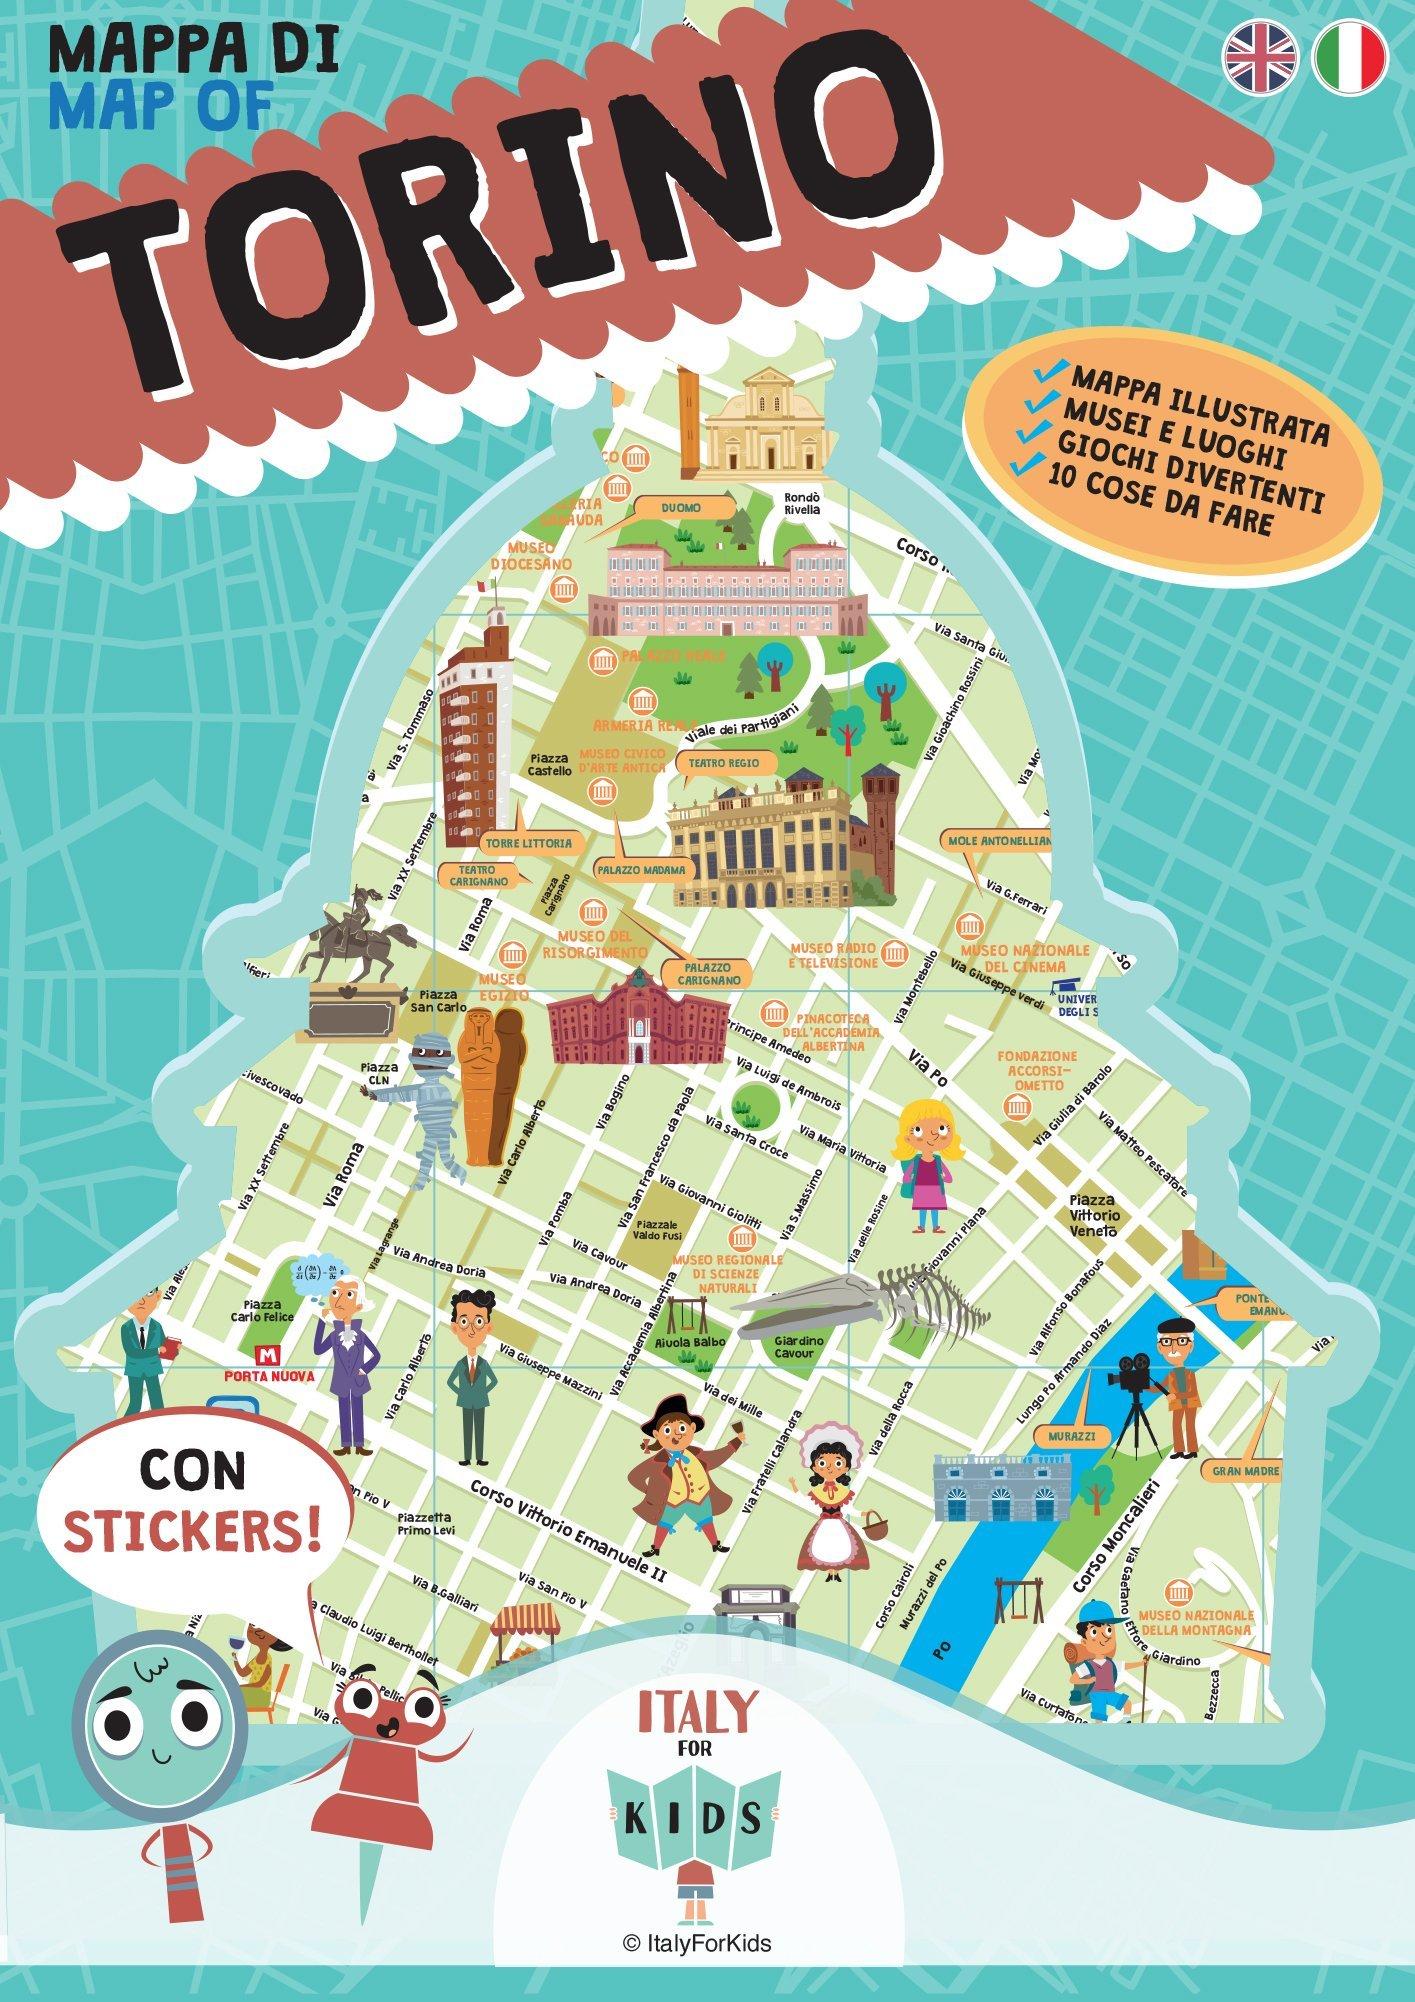 Cartina Italia Torino.Mappa Di Torino Illustrata Amazon It Dania S Piva D Libri